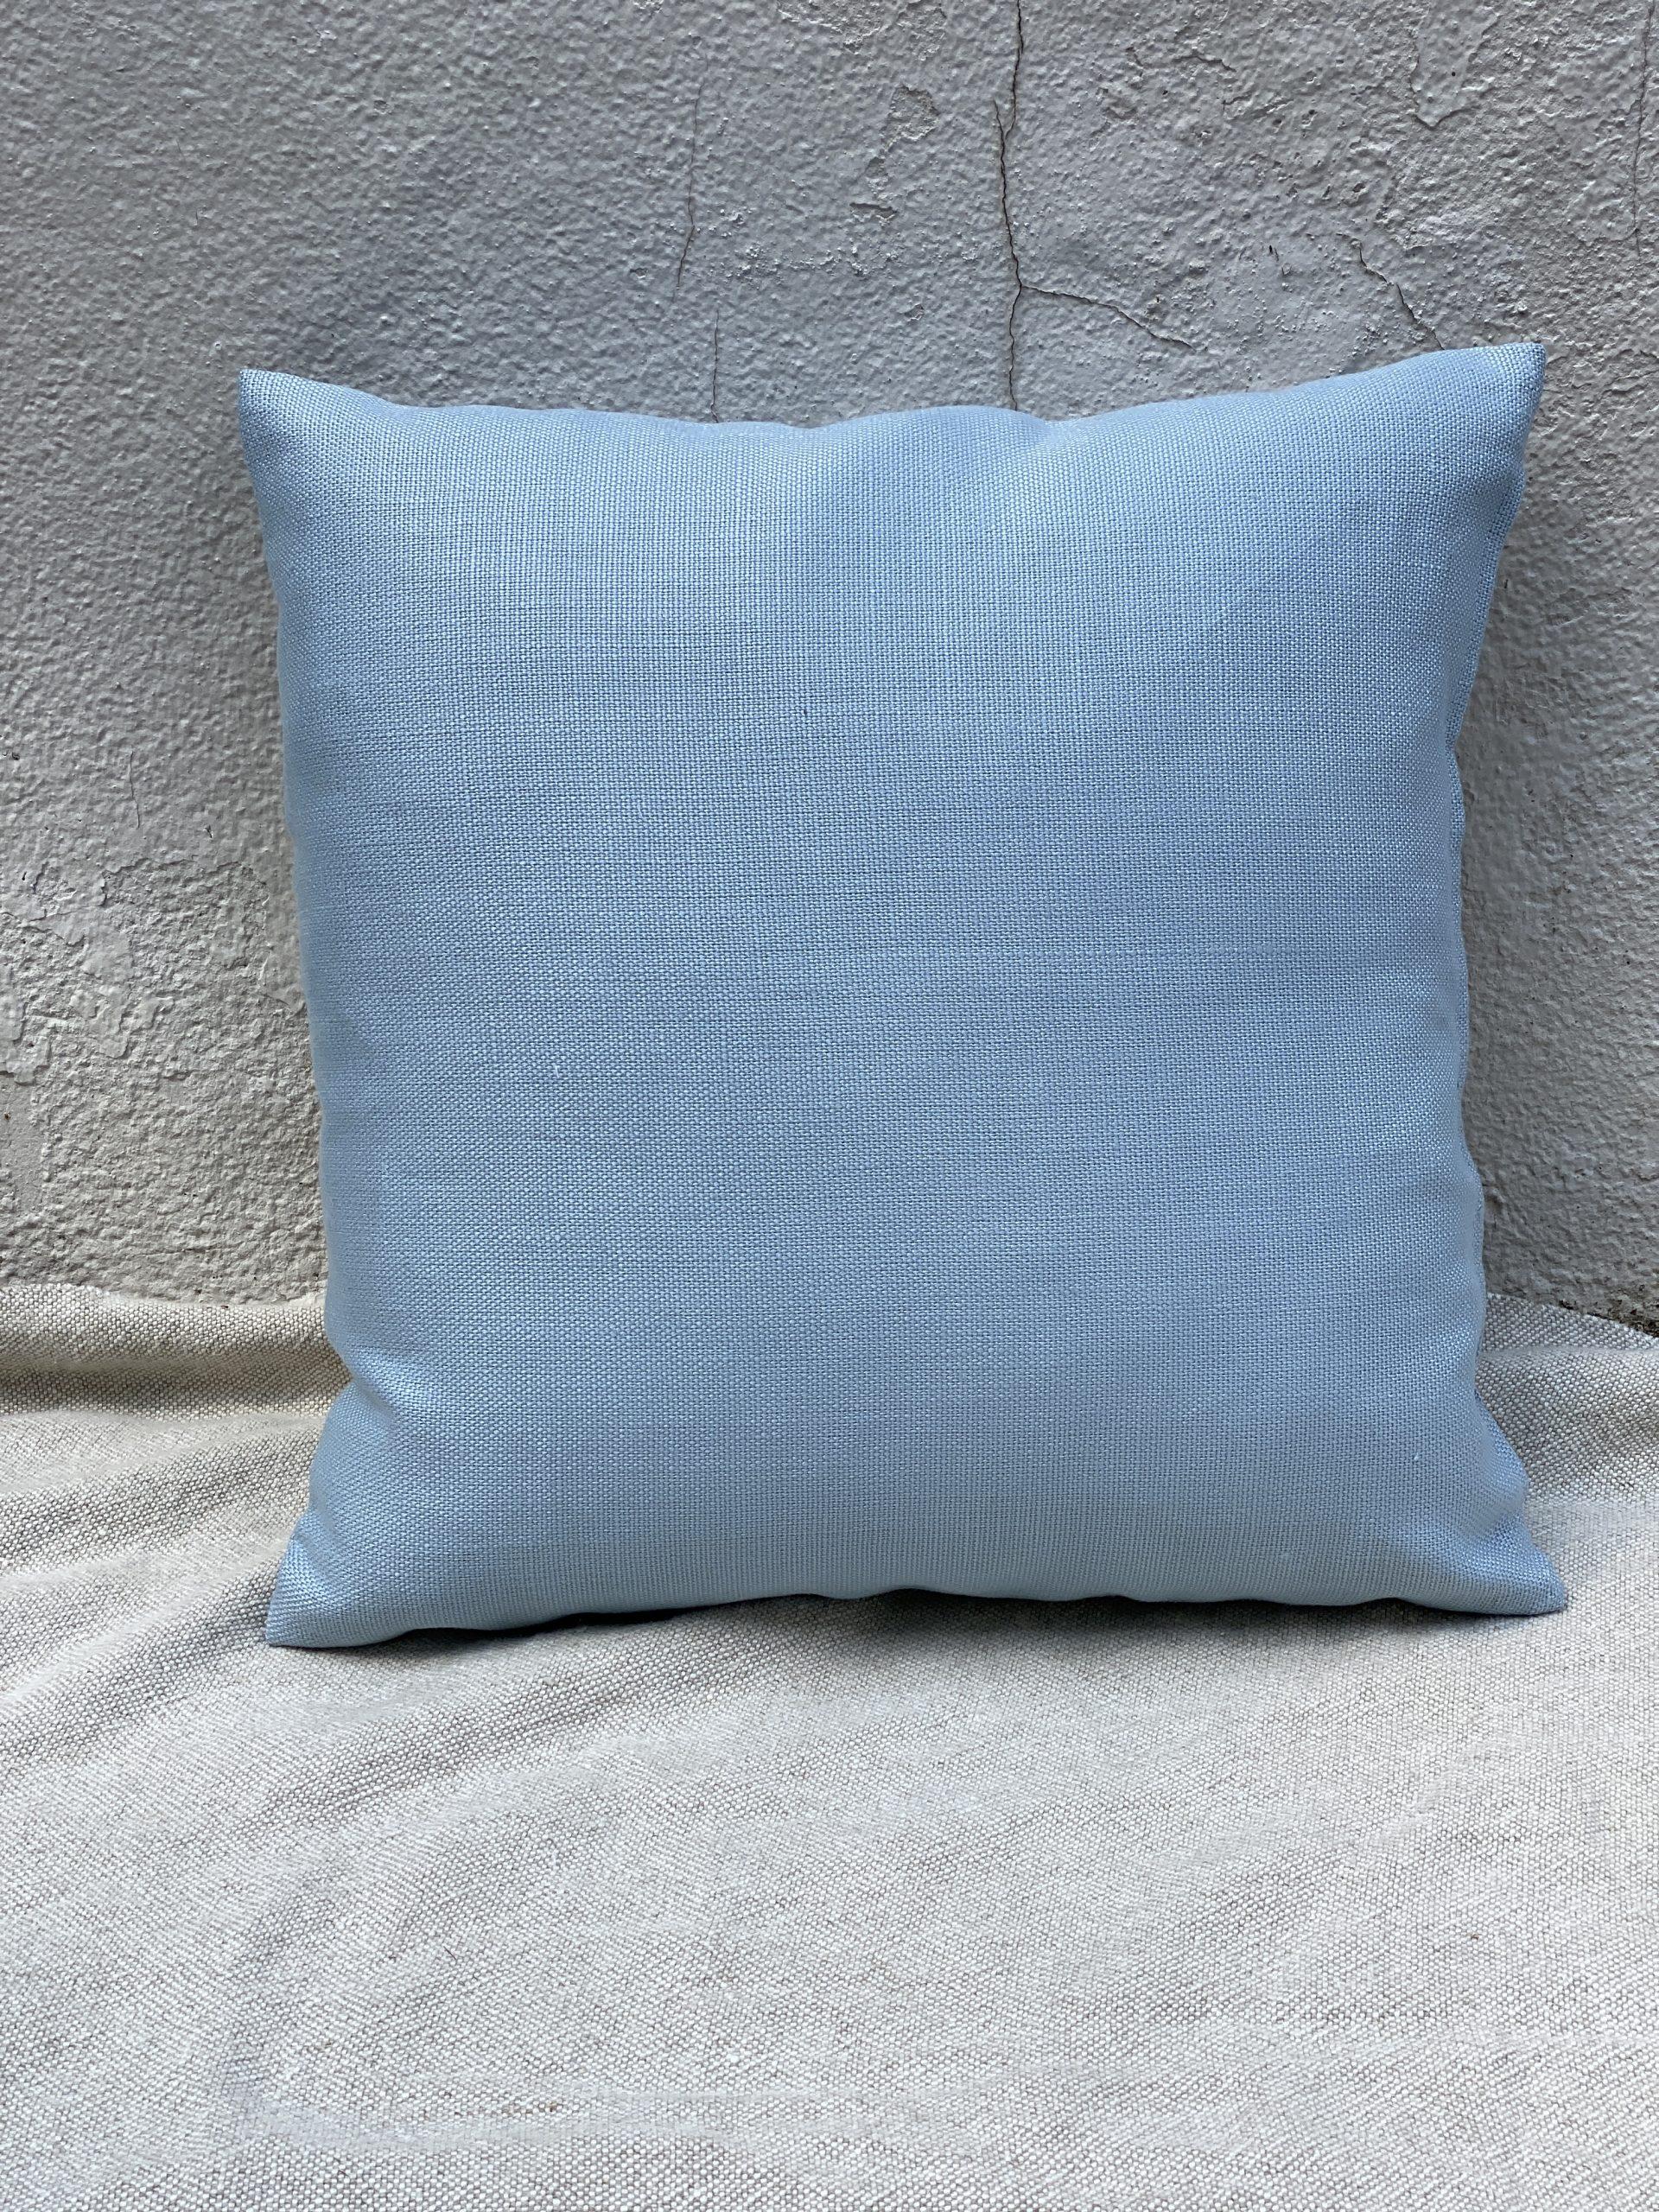 Kravet Pillow